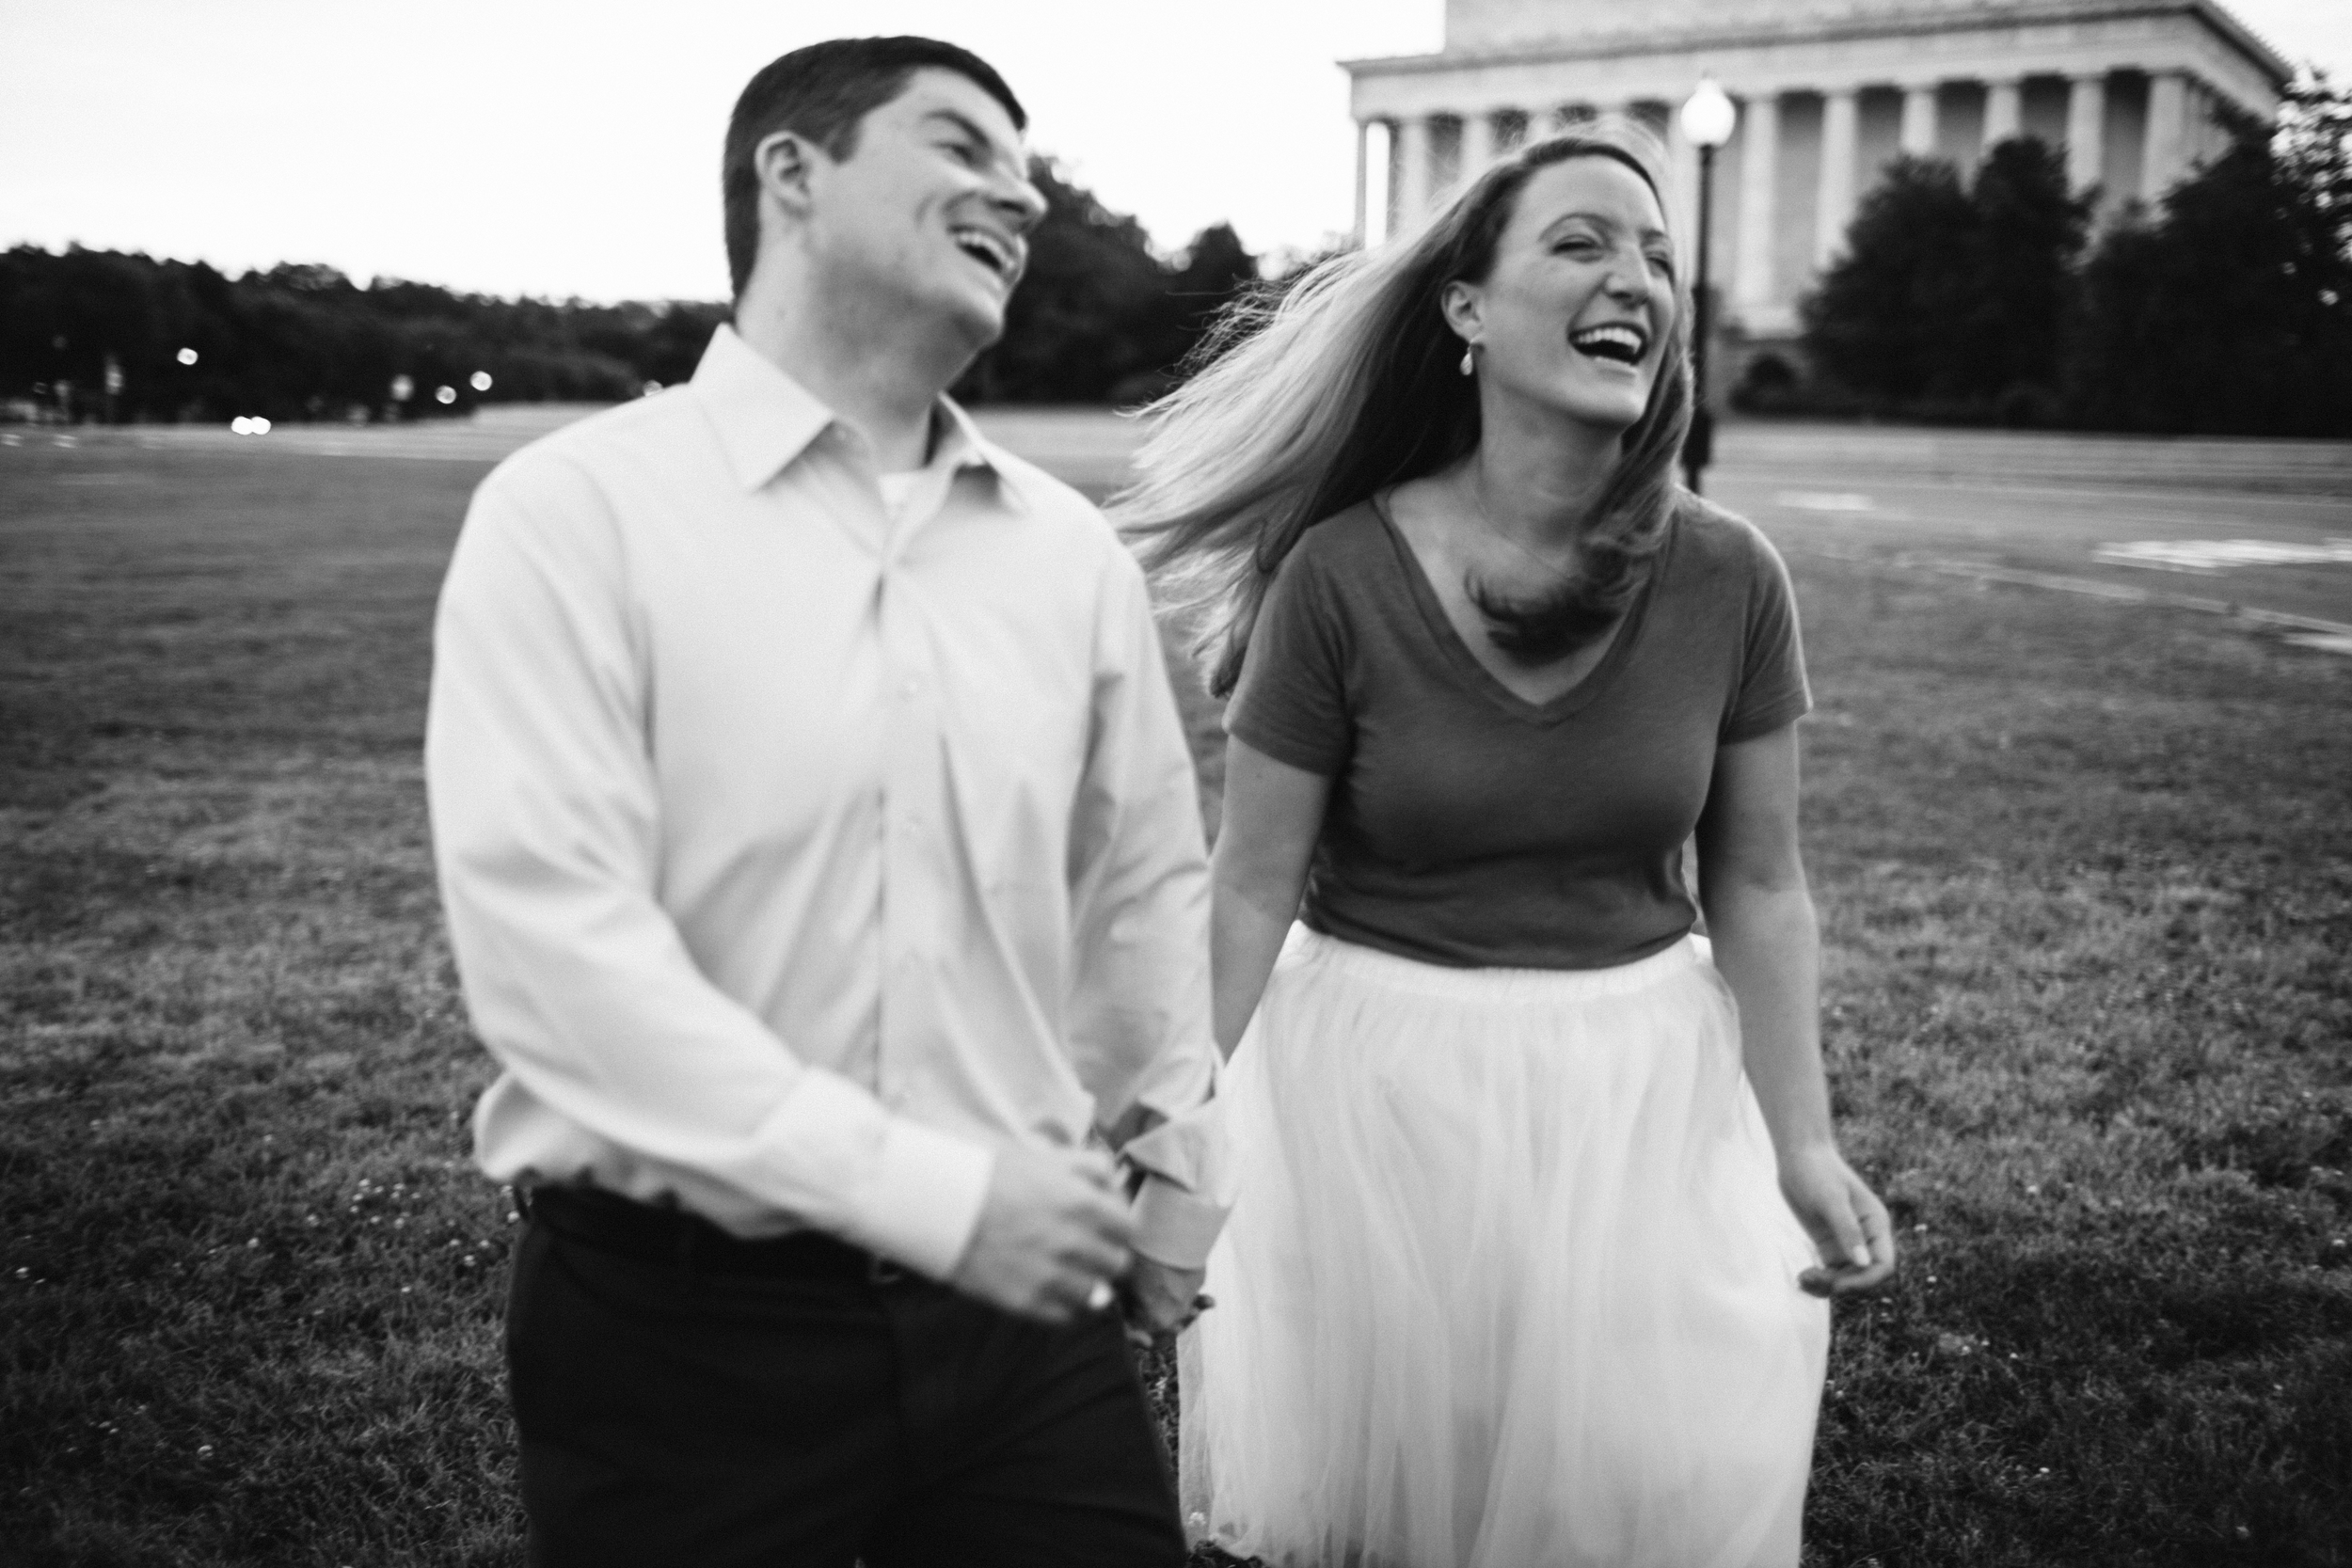 Kevin + Katie   Washington D.C. Engagement Session   Ellie Be